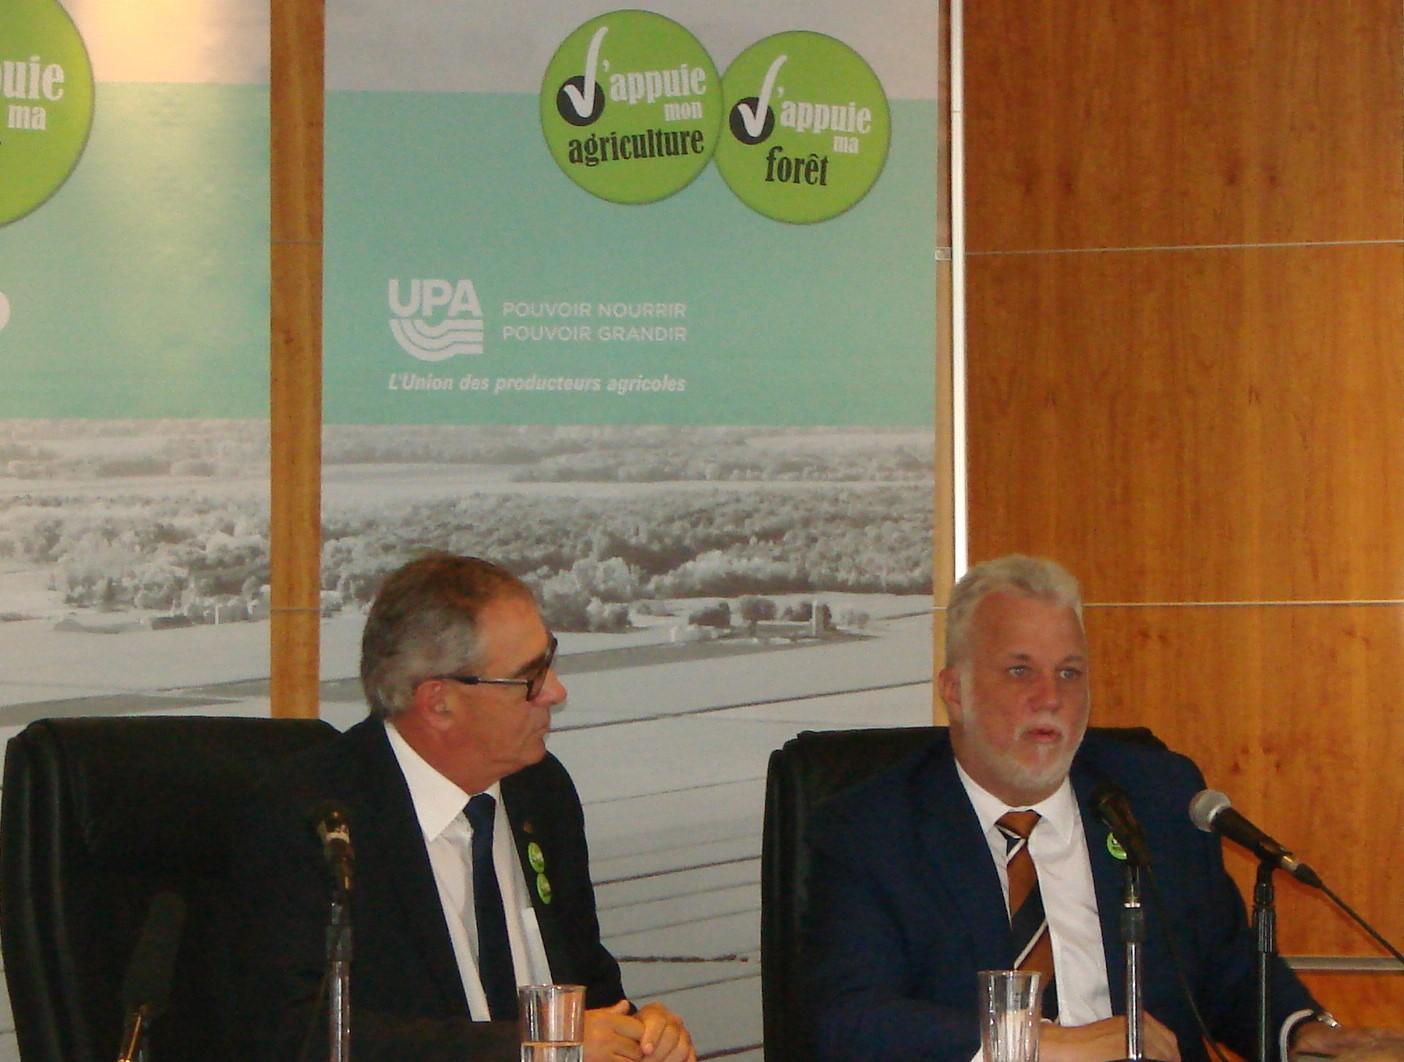 Couillard, Lisée et Legault courtisent les producteurs agricoles